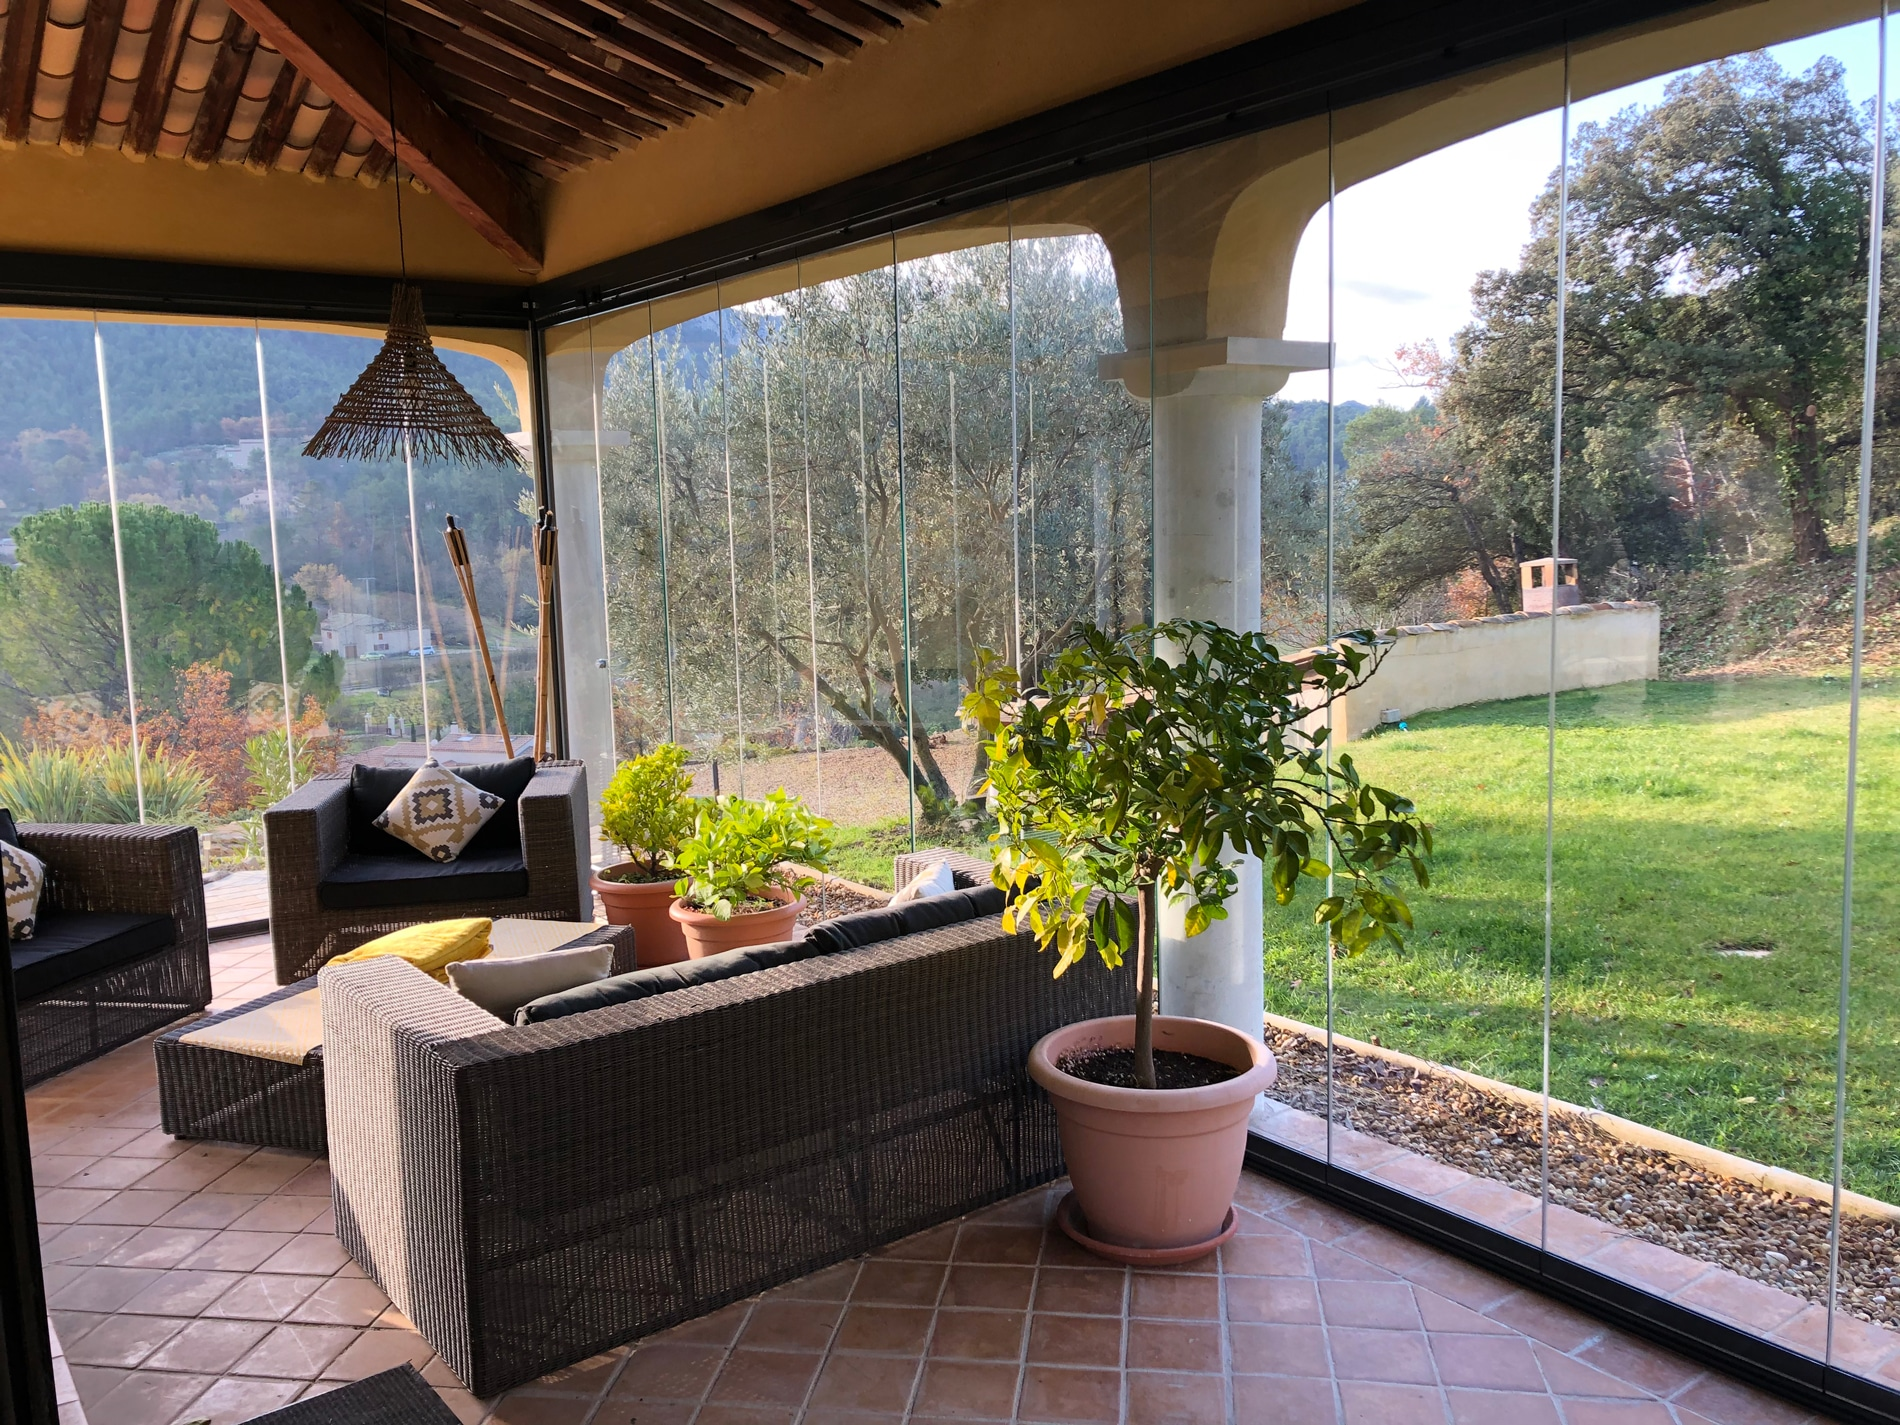 Schiebe-Dreh-System Glas als Wetterschutz